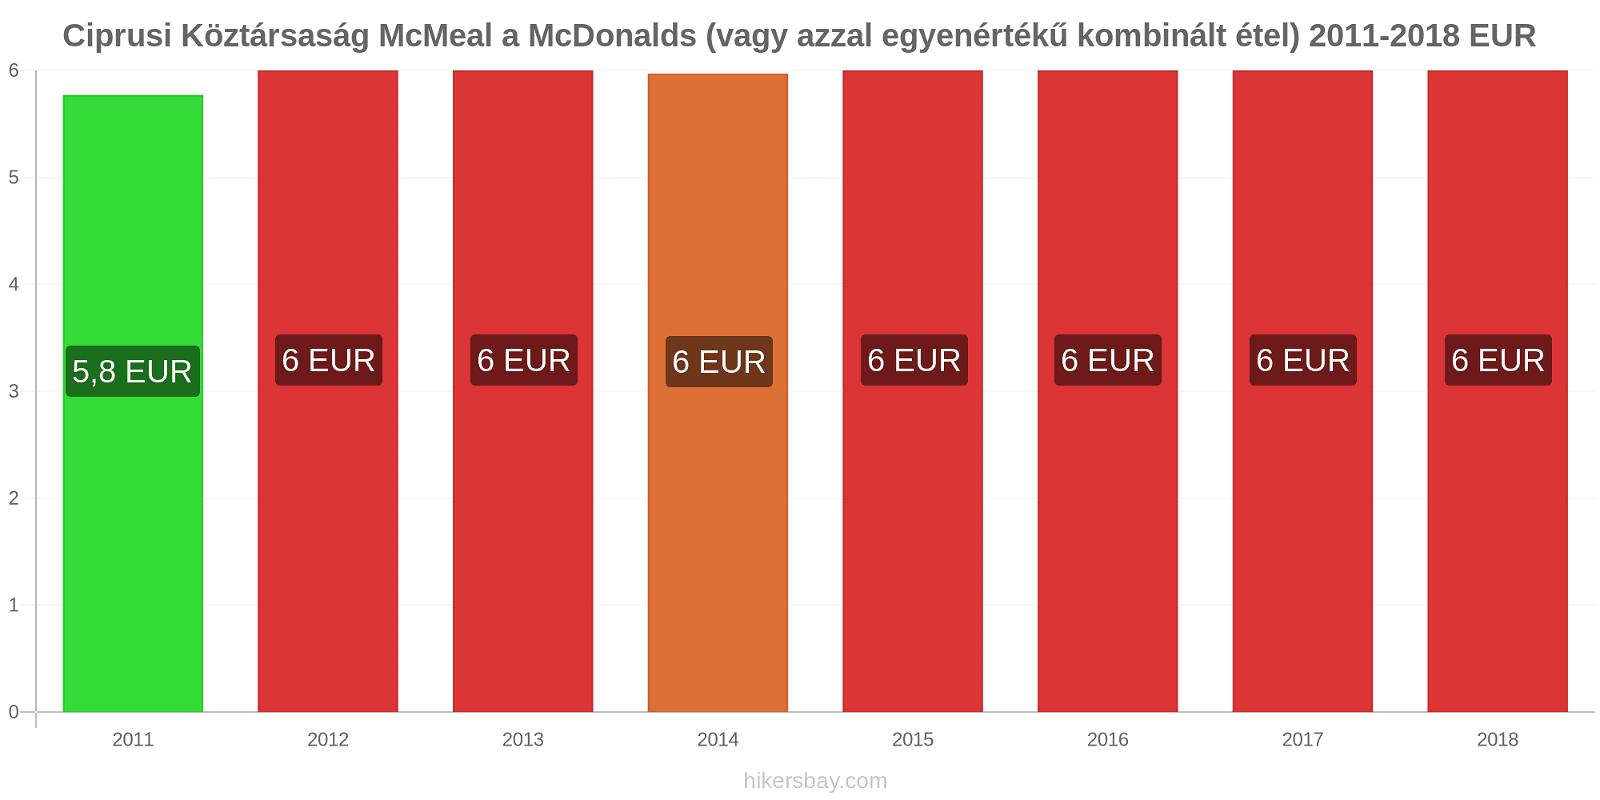 Ciprusi Köztársaság árváltozások McMeal a McDonalds (vagy azzal egyenértékű kombinált étel) hikersbay.com